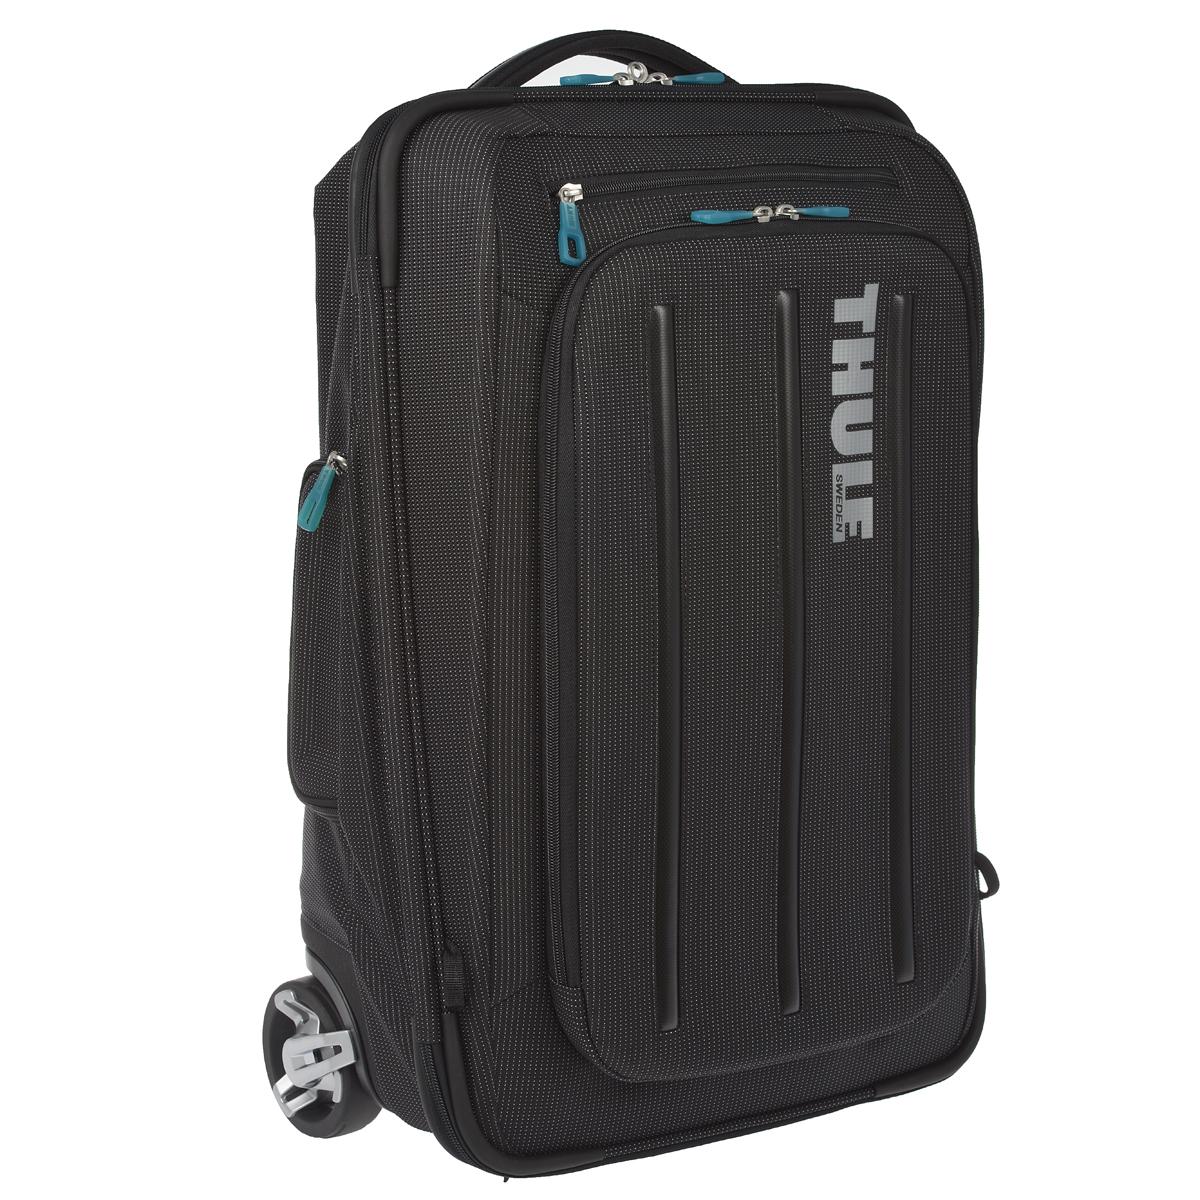 Thule. Сумка-рюкзак, Crossover, TCRU-115, нейлон, черный, 38 лTH_TR_TCRU-115Благодаря своей конструкции, сумка-рюкзак Thule Crossover станет незаменимым помощником в путешествиях. Особенности: Верхний карман с мягкой прокладкой подойдет для 15-дюймового MacBook Pro или ноутбука. С помощью потайных ремней вы сможете легко и быстро надеть сумку на плечи. Колеса не касаются спины, когда сумка-тележка используется как рюкзак, что обеспечивает чистоту и комфорт во время путешествия. Облегченный, но прочный материал также является водостойким. Надежный экзоскелет и задняя обшивка из полипропилена обеспечат надежную защиту во время путешествий в самых сложных условиях. Крепкие колеса увеличенного размера и телескопические ручки с технологией Thule V-Tubing™ гарантируют мягкое, плавное и ровное движение в течение многих лет. Изготовленное по технологии горячей прессовки ударопрочное отделение SafeZone защитит ваши солнечные очки, iPhone, портативную электронику и другие хрупкие вещи Приподнятые направляющие...